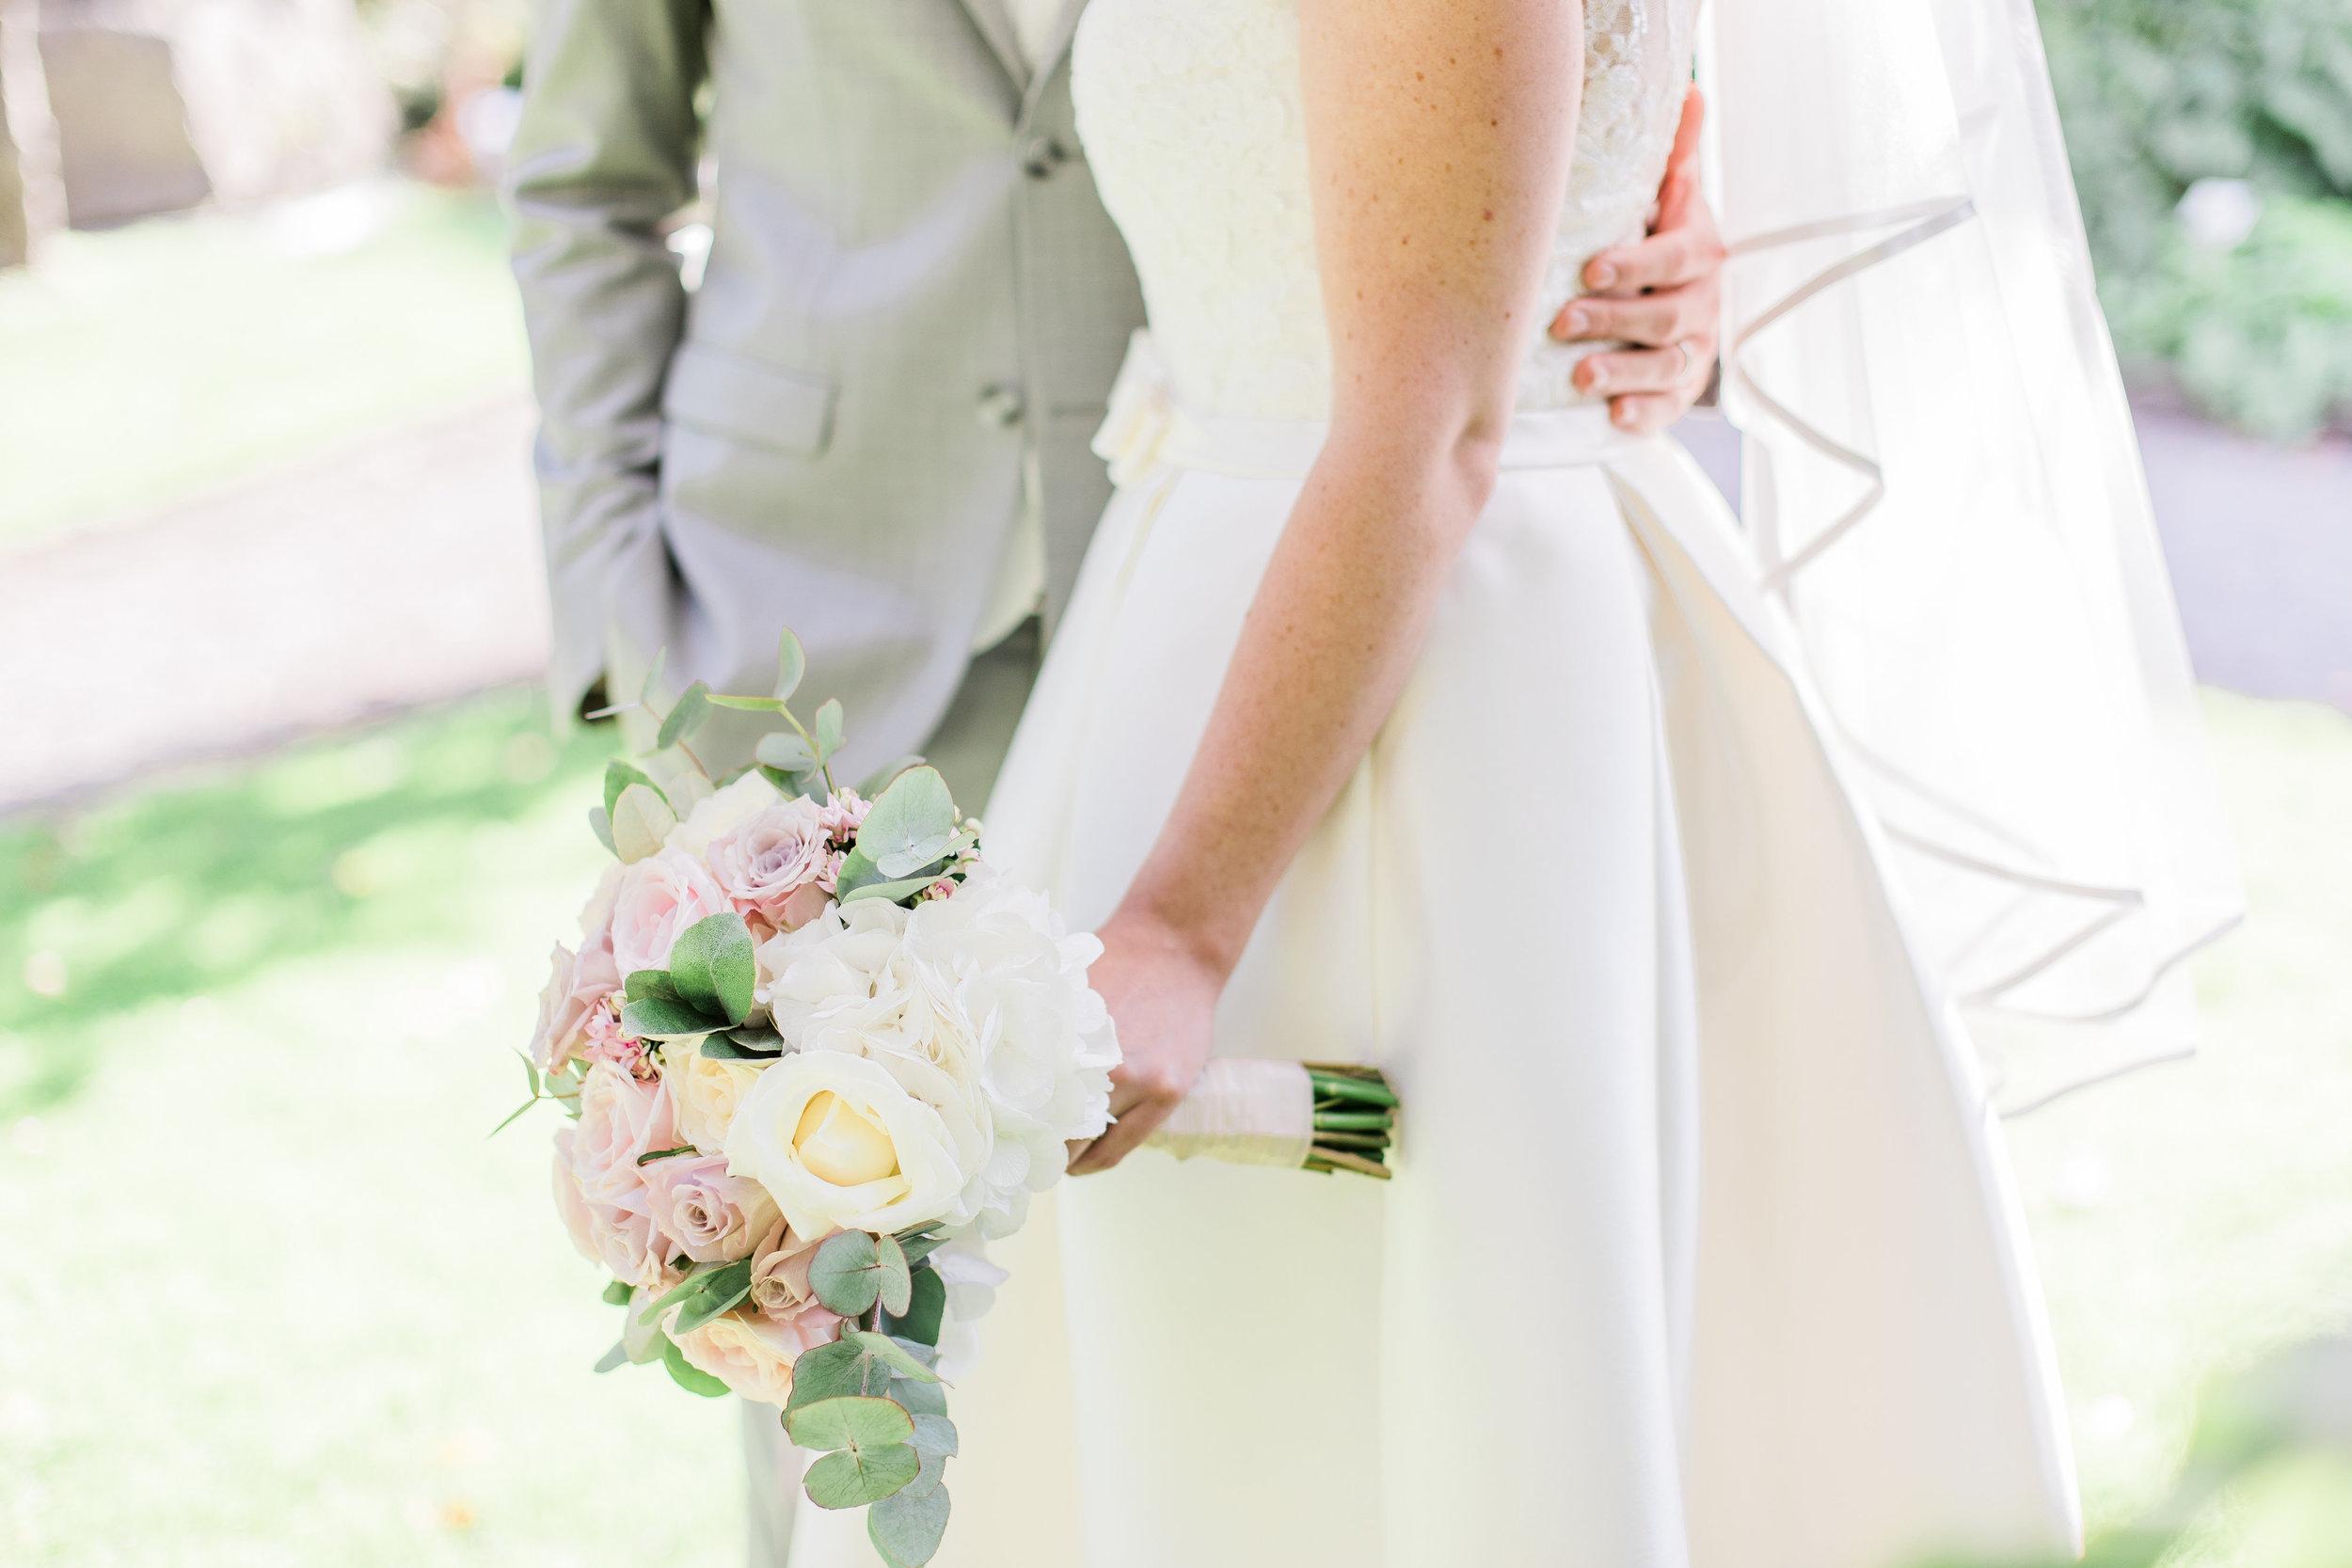 Bloemen huwelijk ( Elisabeth Van Lent Photography ) - Degrootebloemen.be